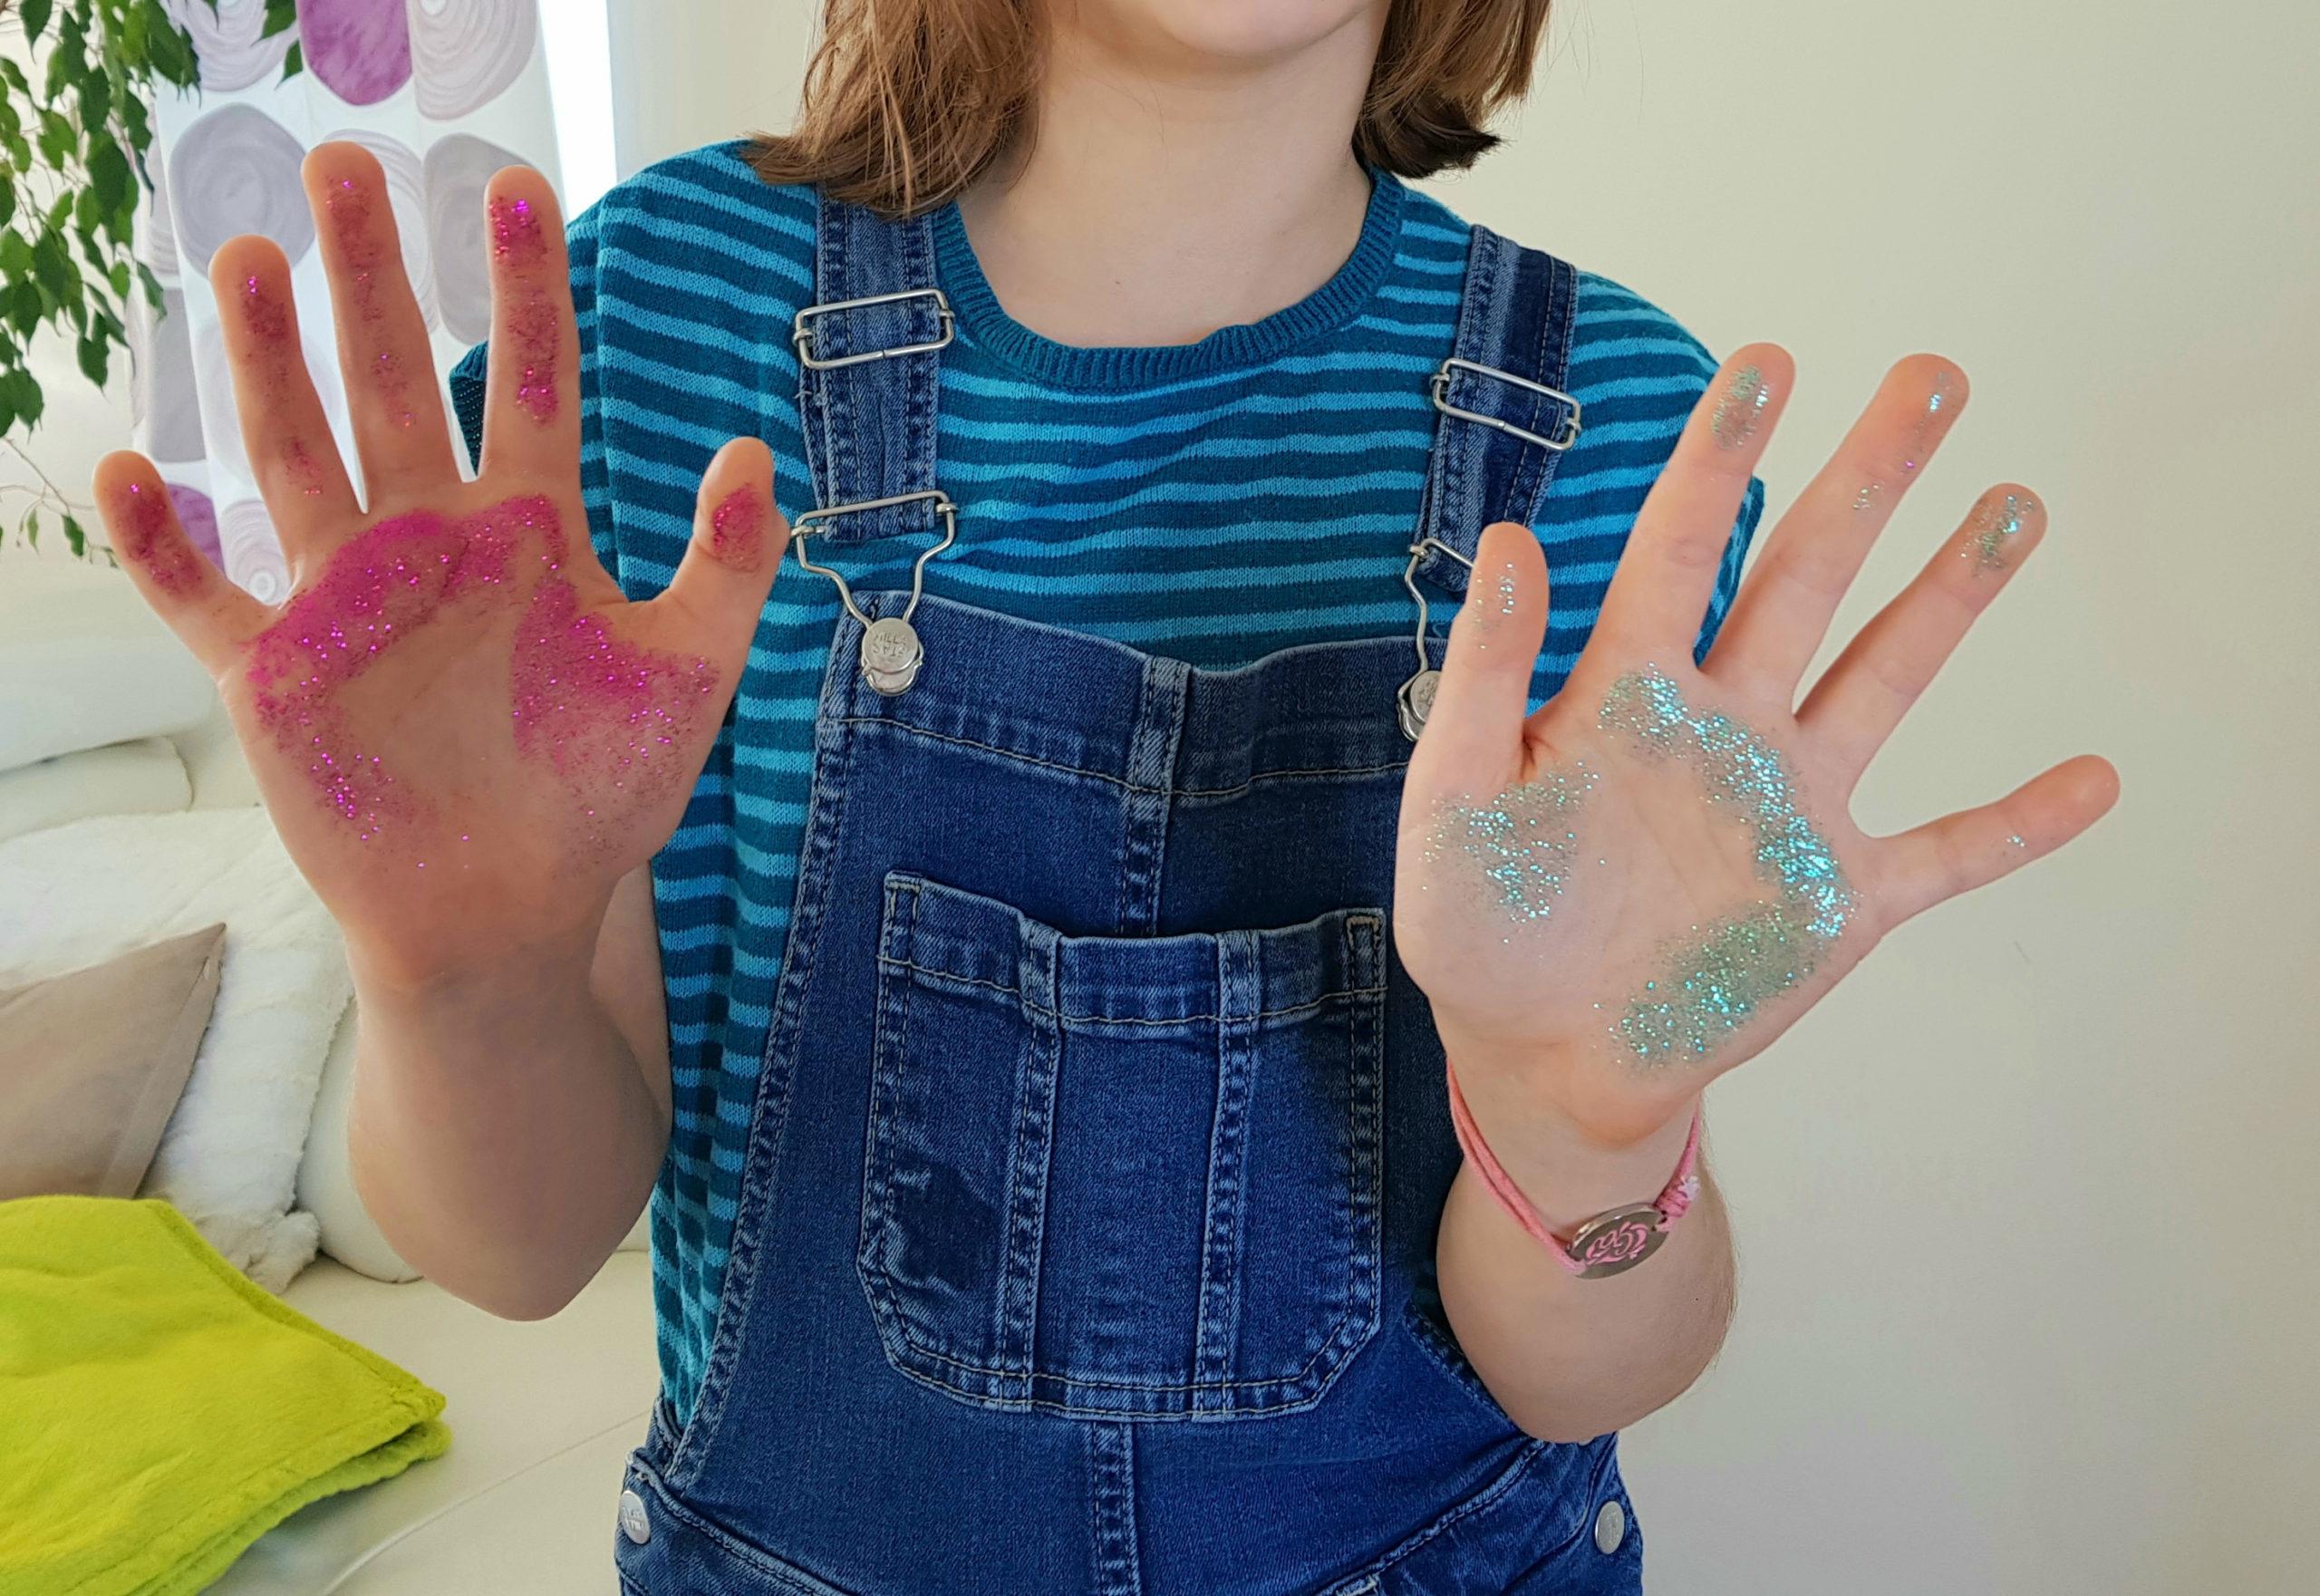 mains contaminées de germes paillettes